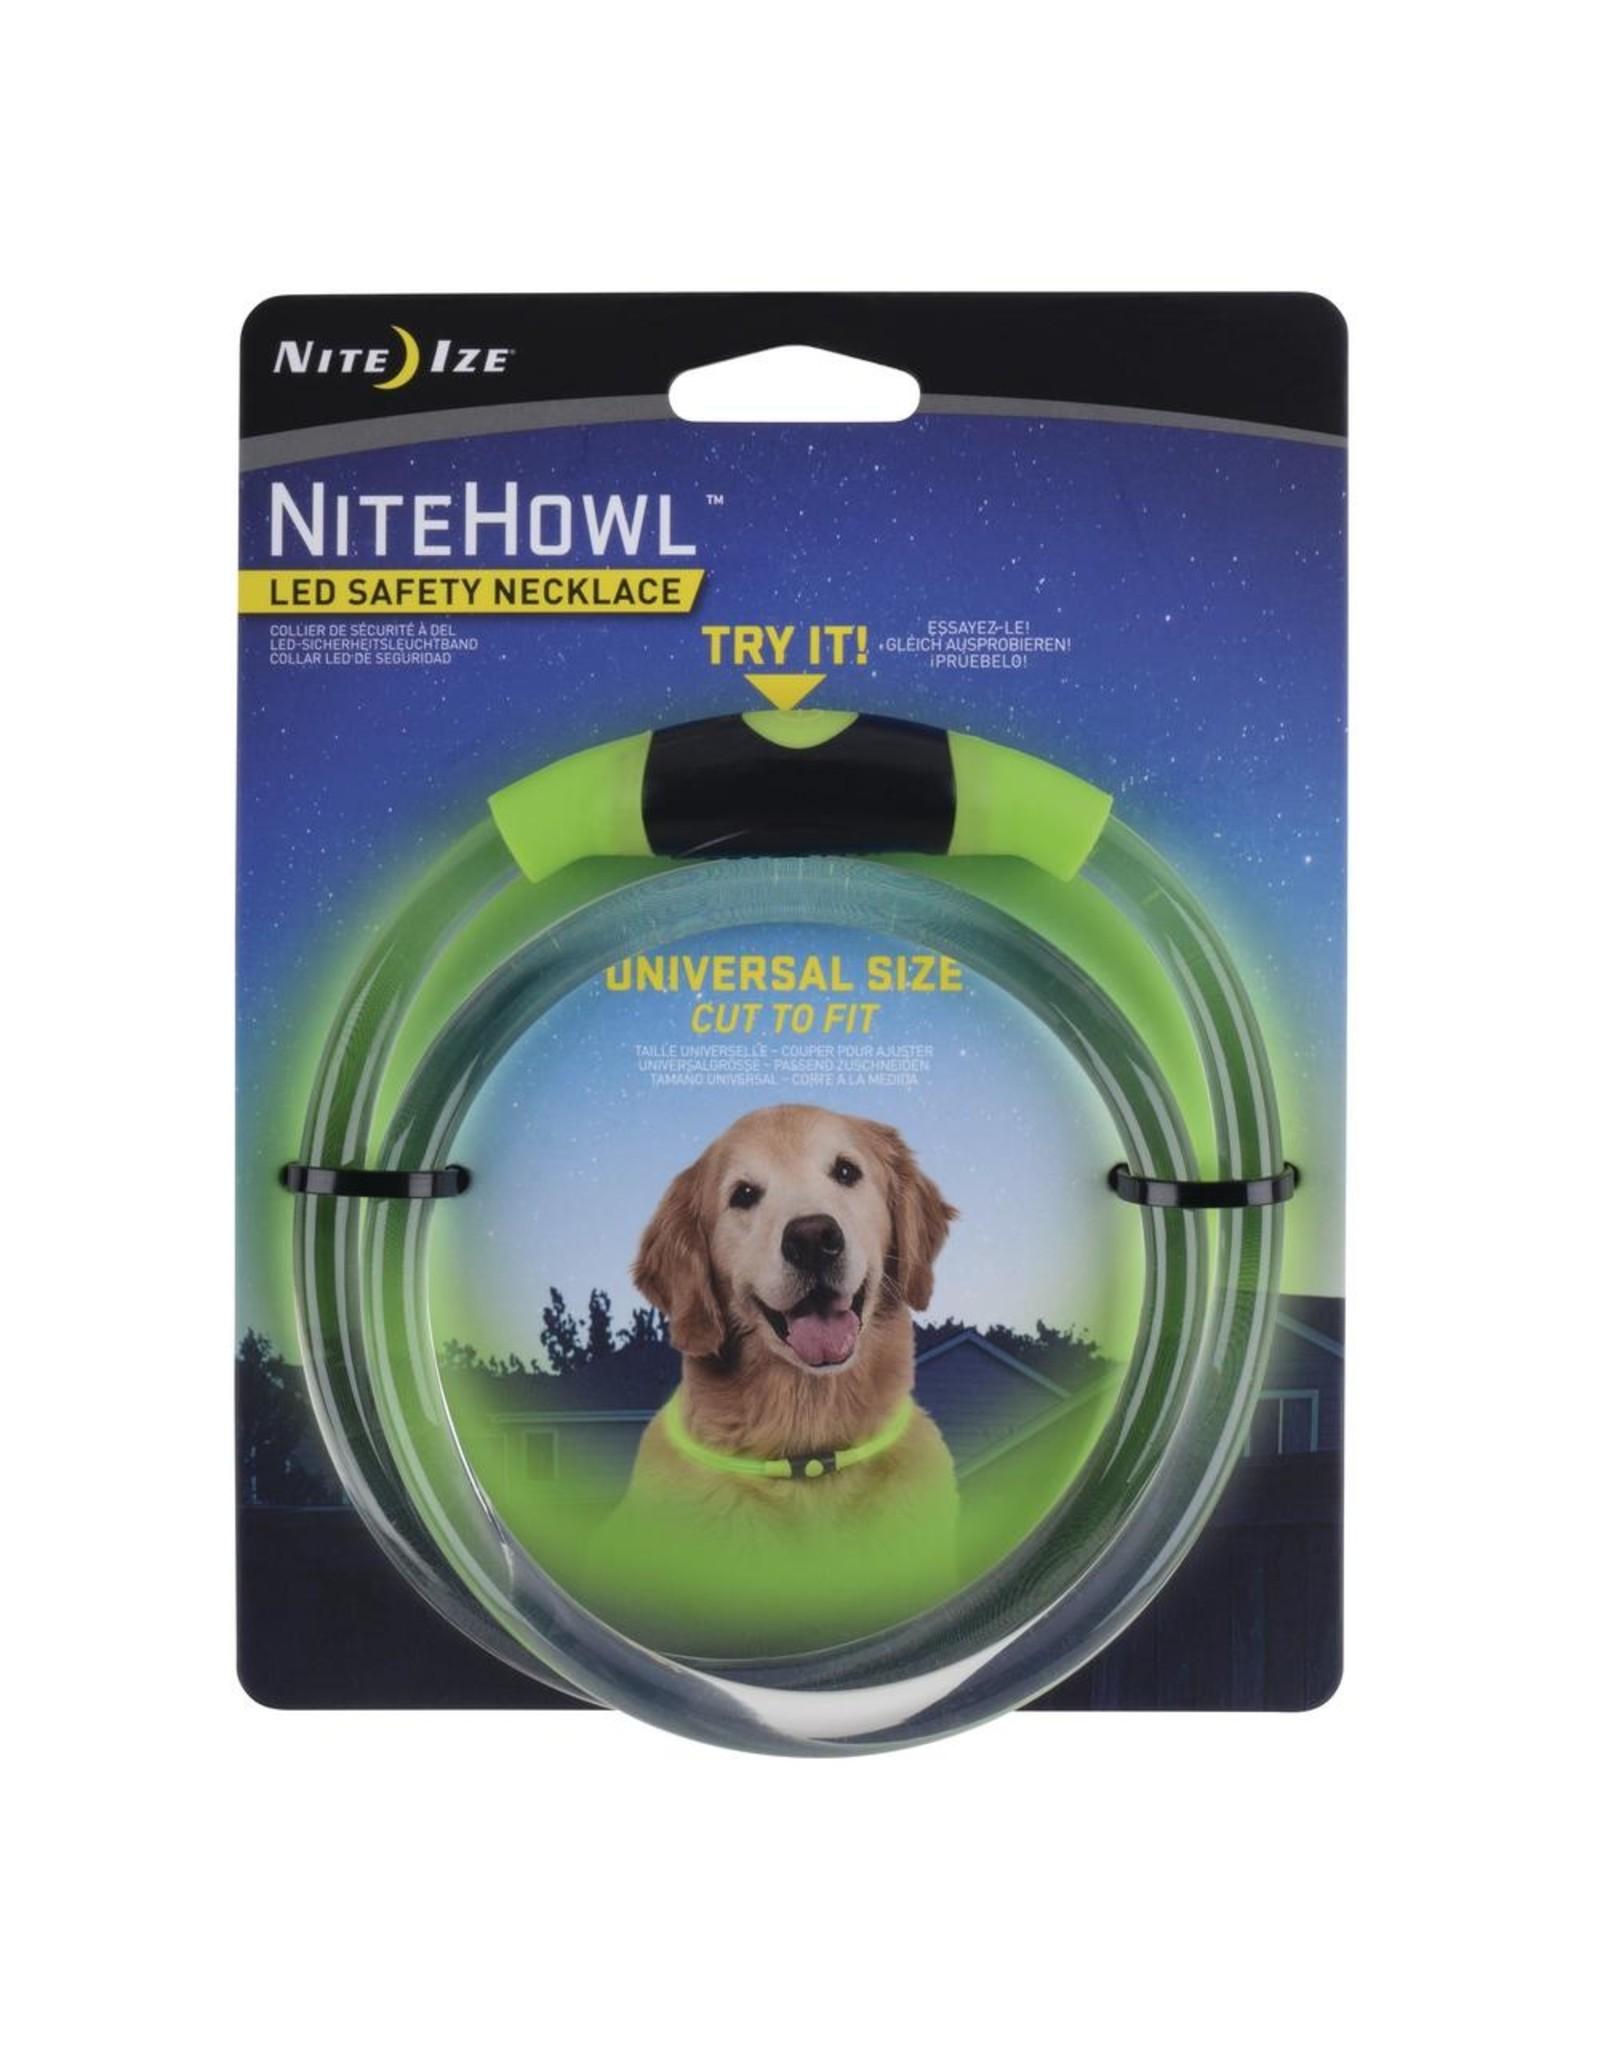 Nite Ize Nite Ize NiteHowl LED Necklace Green